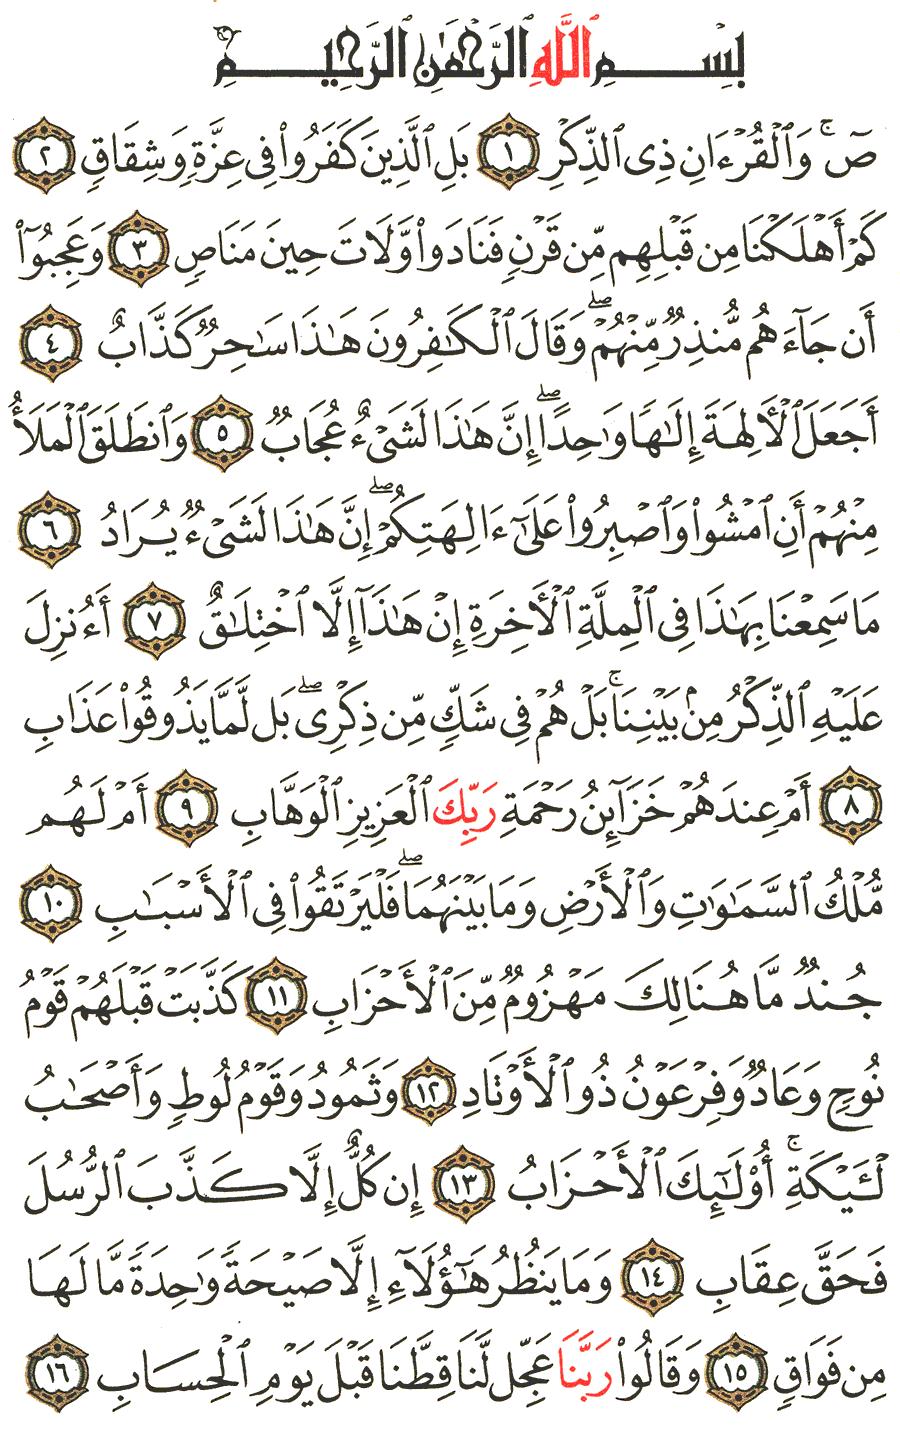 الصفحة رقم 453 من القرآن الكريم مكتوبة من المصحف